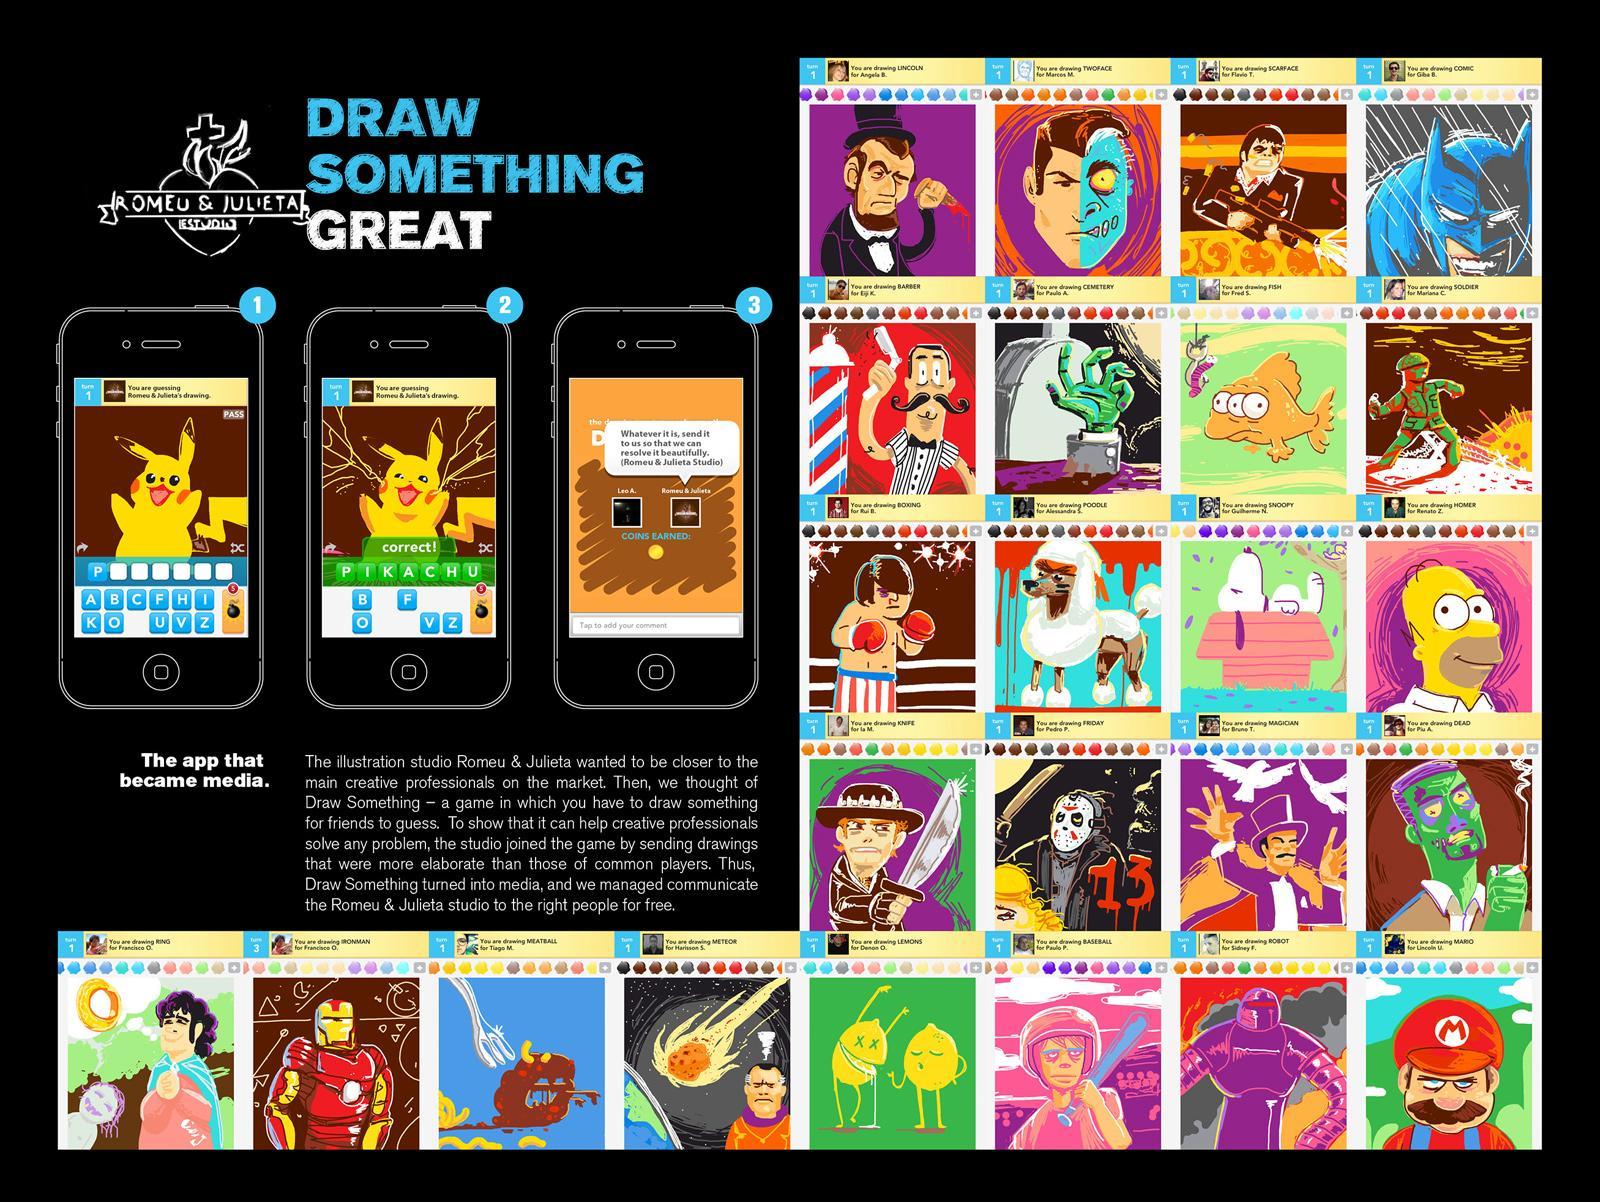 Romeu&Julieta Studio Digital Ad -  Draw something great